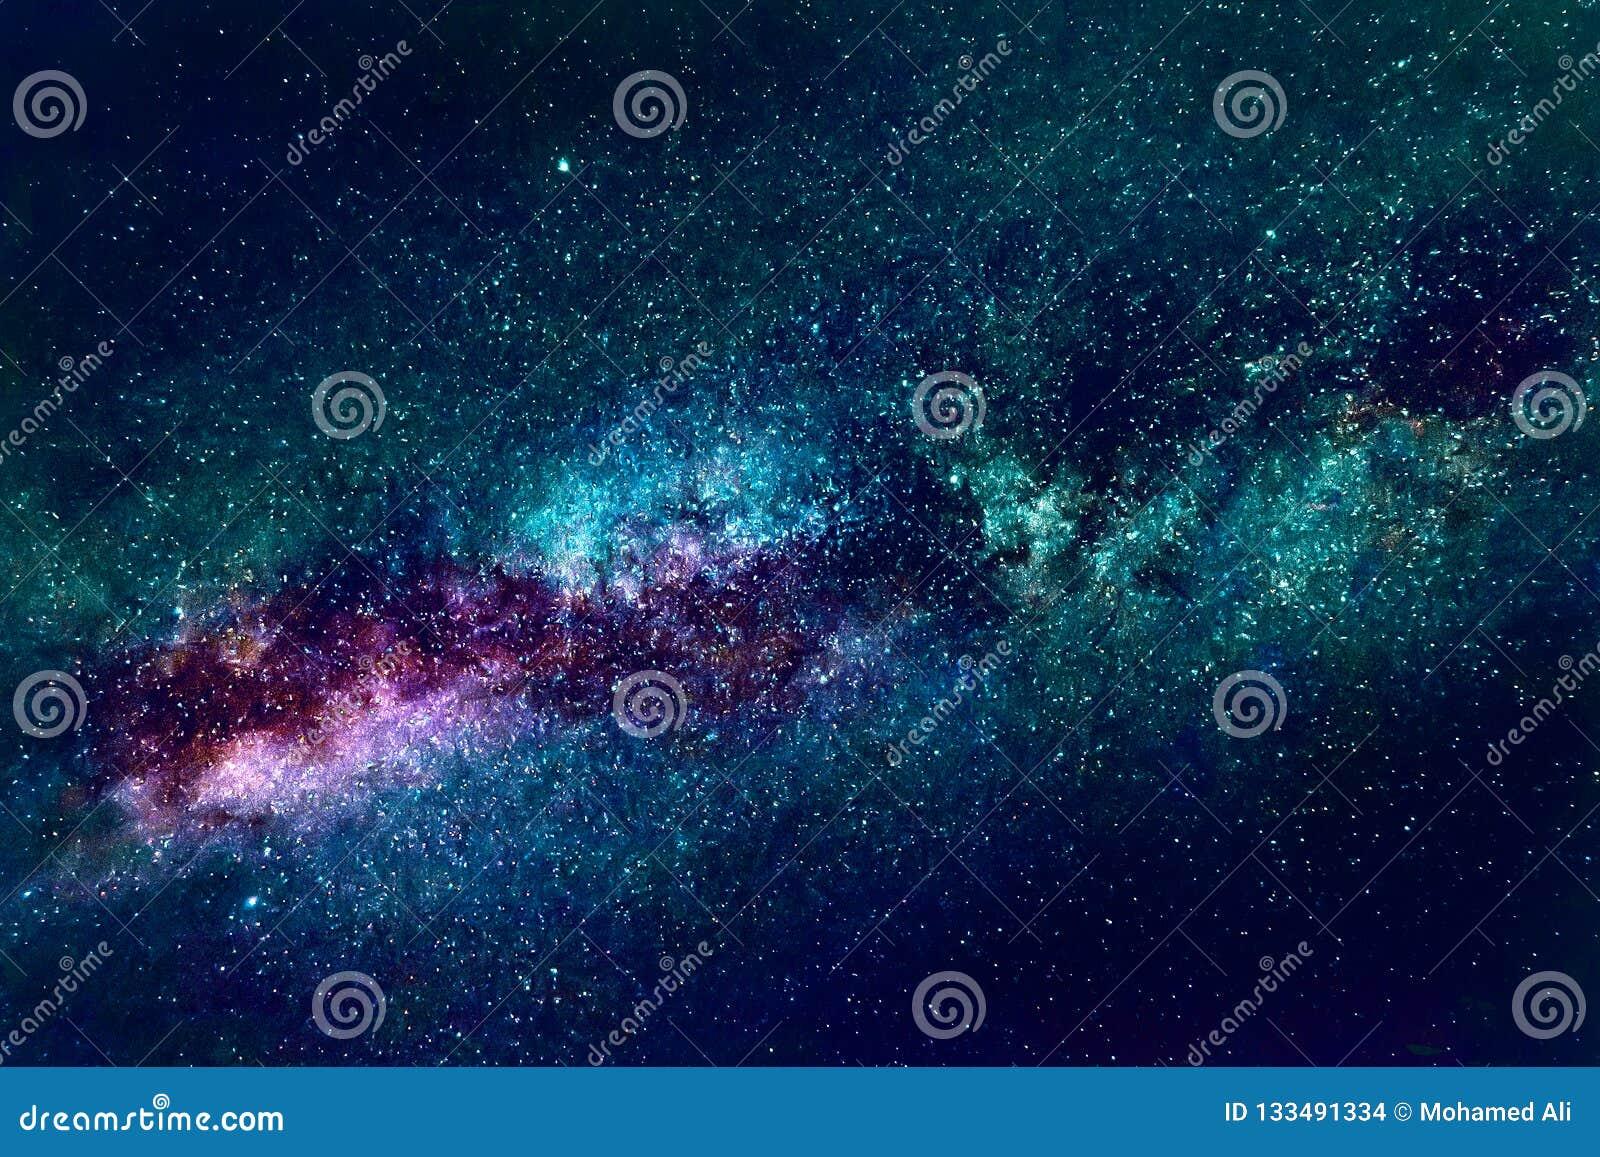 Künstlerische Zusammenfassungs-drastischer mehrfarbiger Nebelfleck-Galaxie-Hintergrund